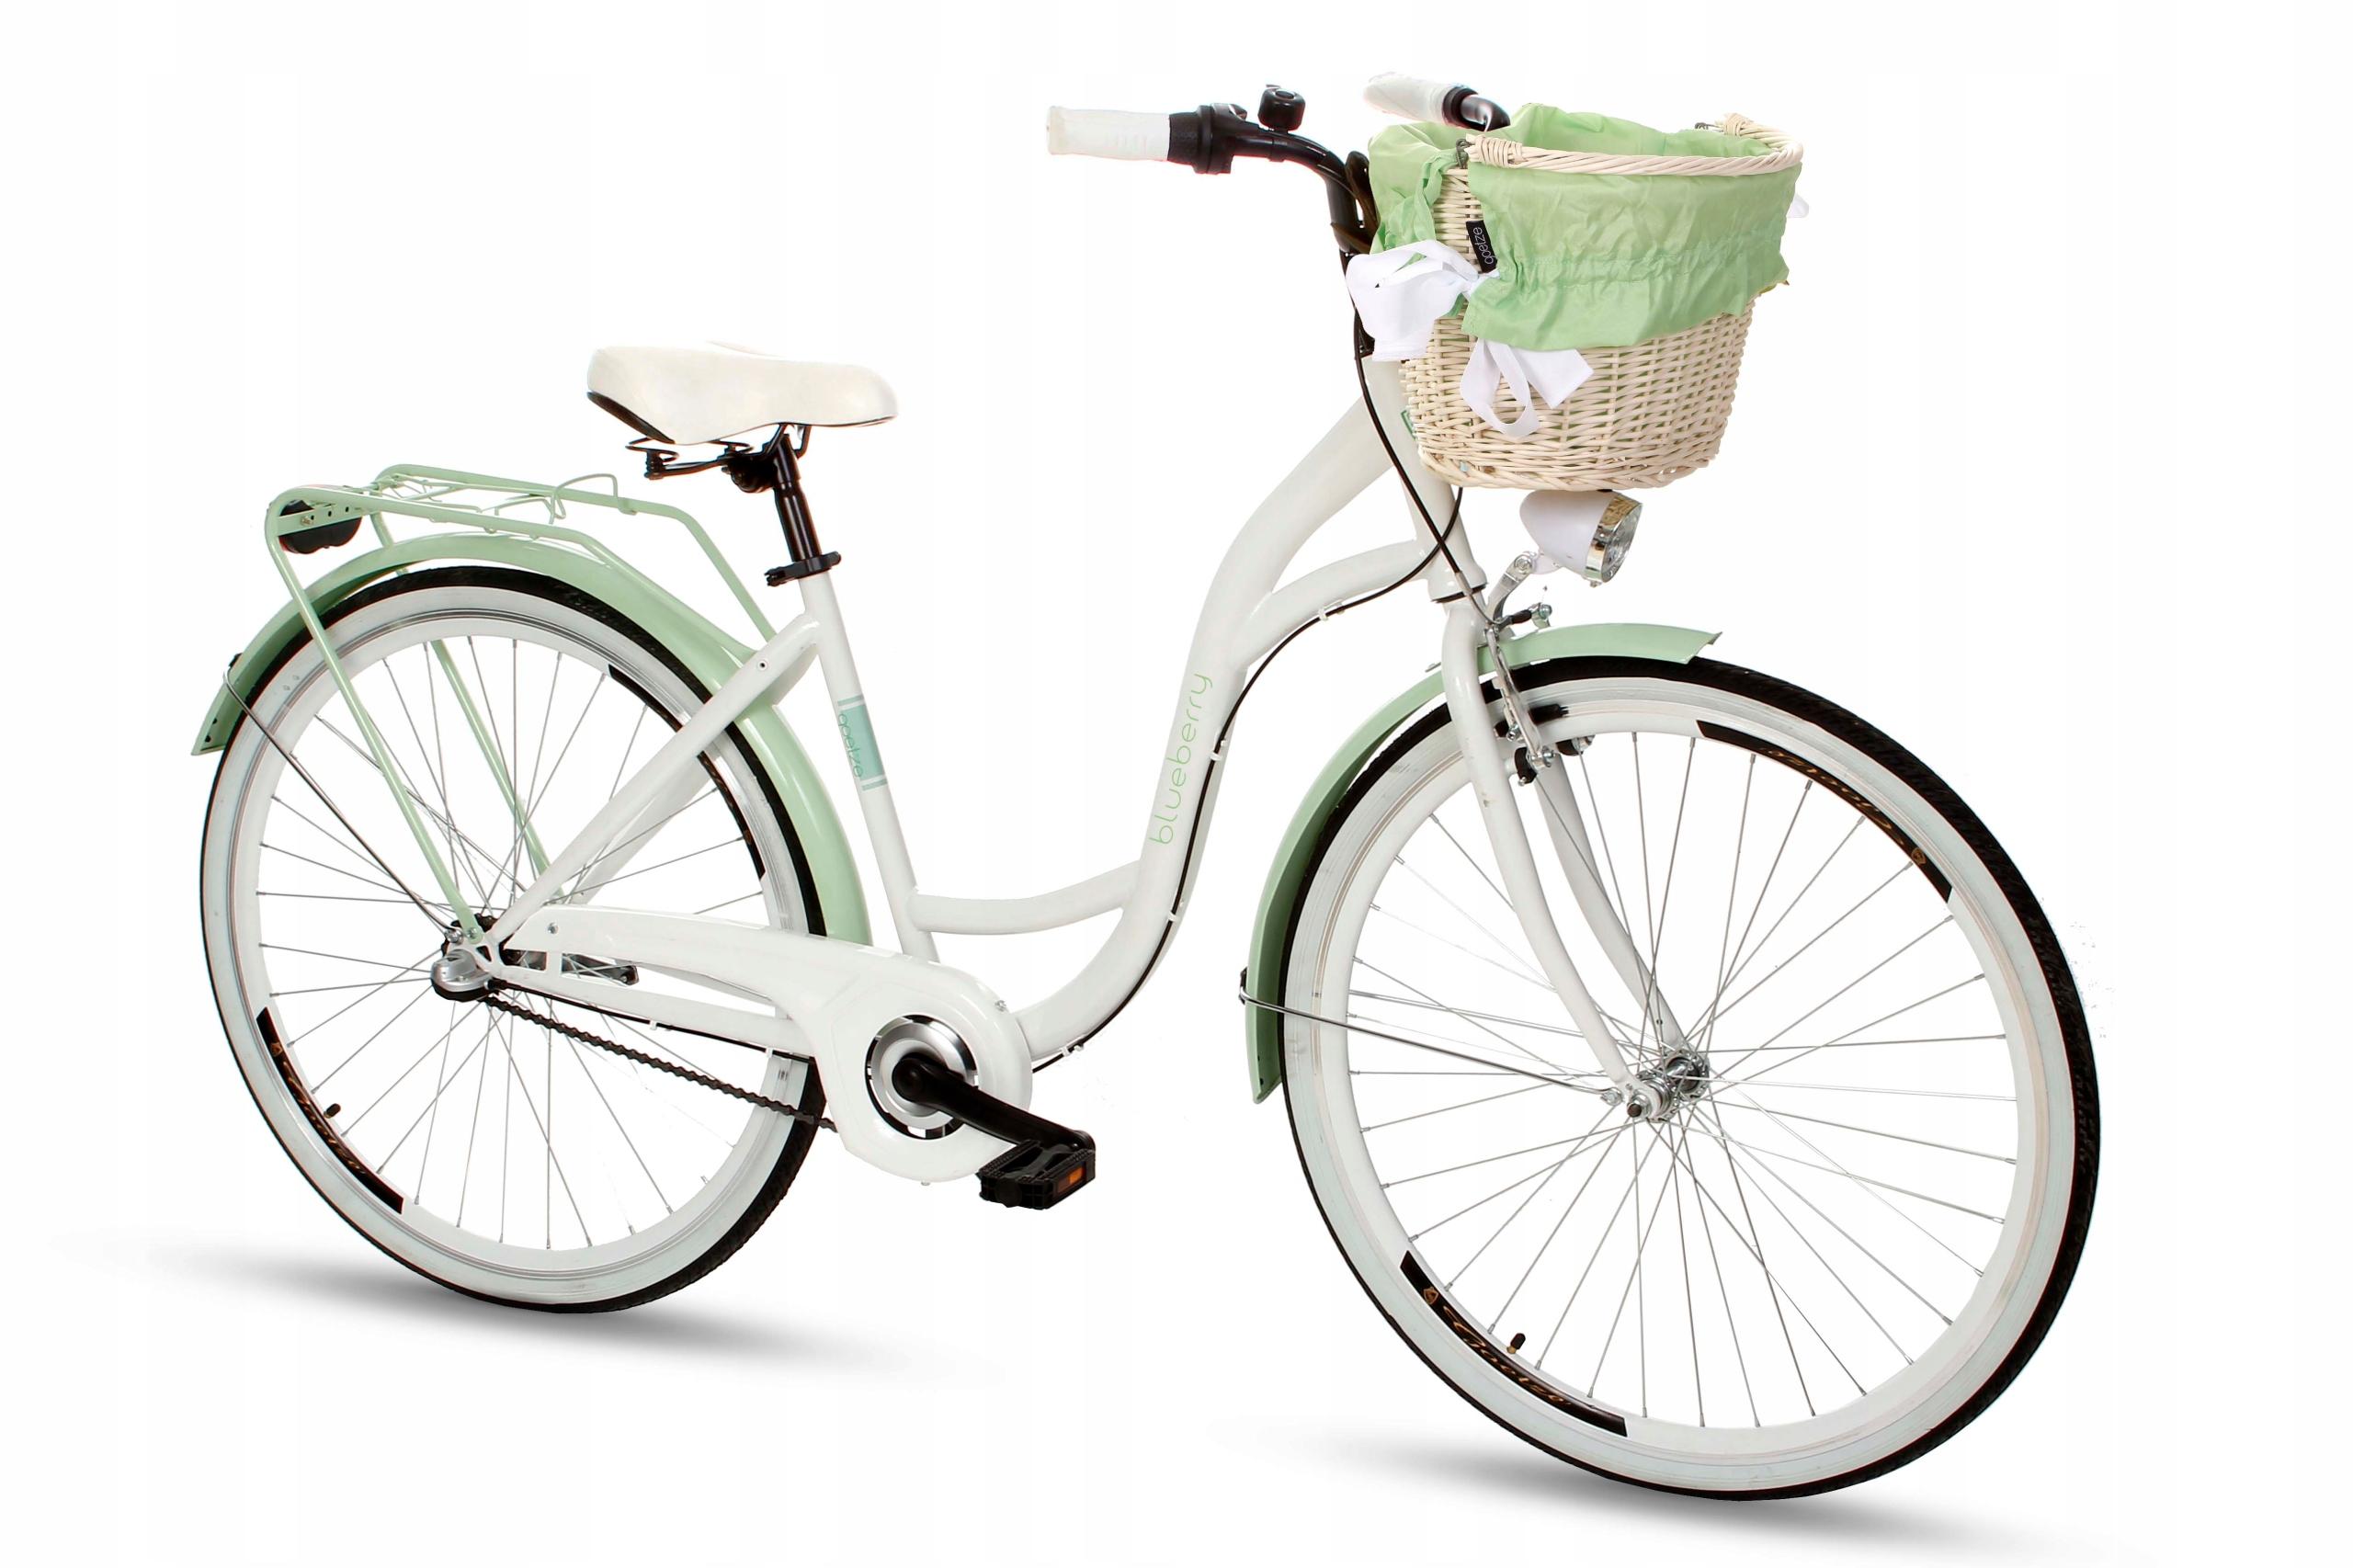 Dámsky mestský bicykel Goetze BLUEBERRY 28 3b košík!  Počet prevodových stupňov 3